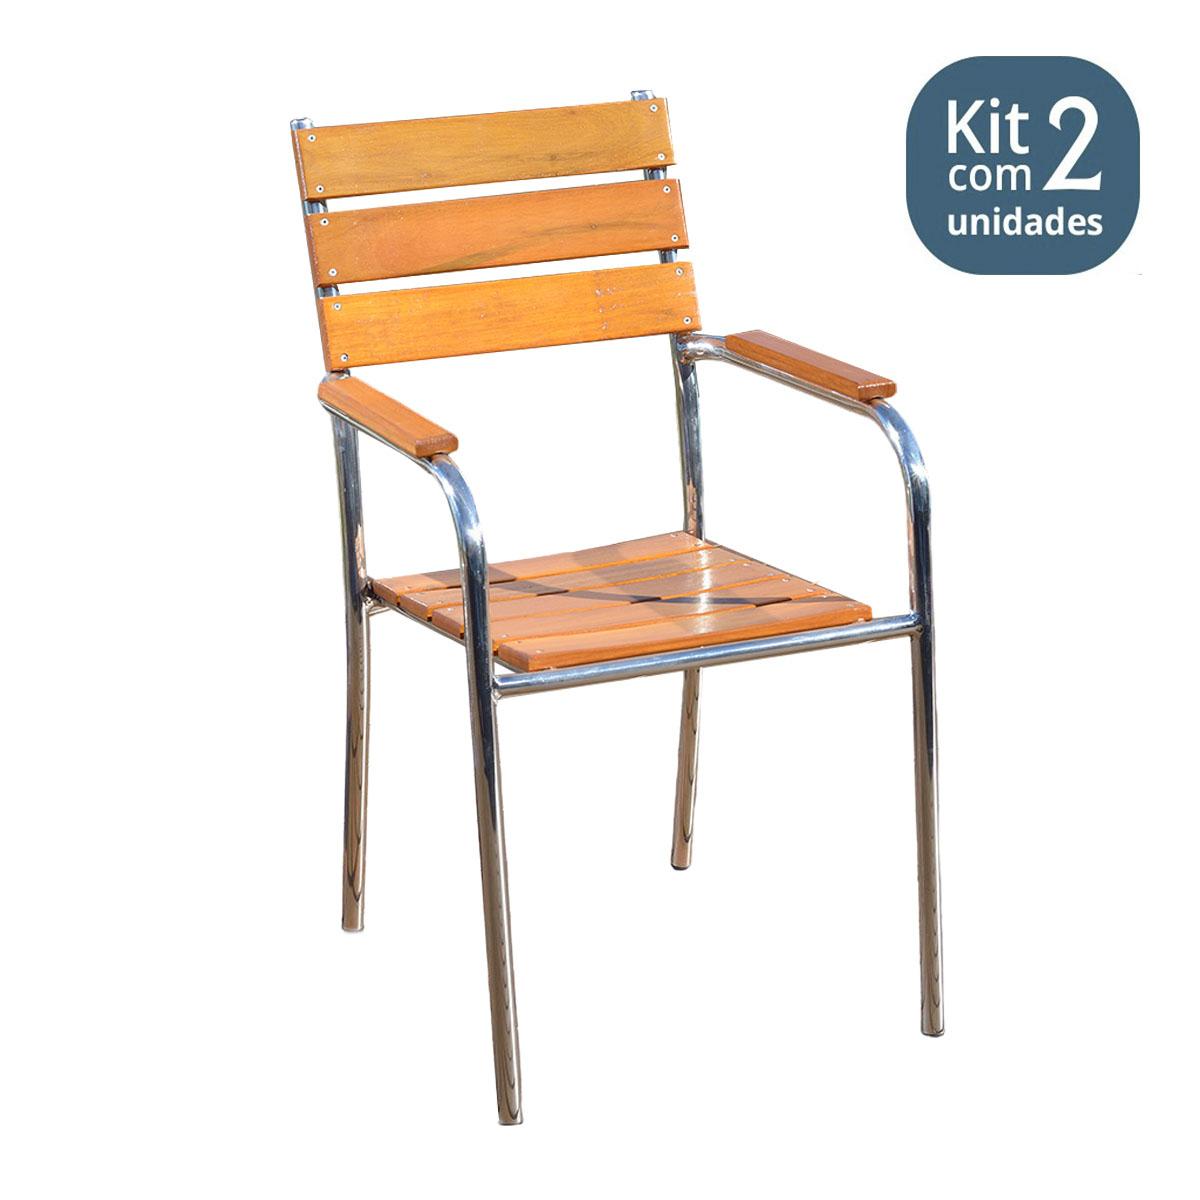 KIt 02 Cadeiras / Poltronas em Madeira e Alumínio Reta CMAR44